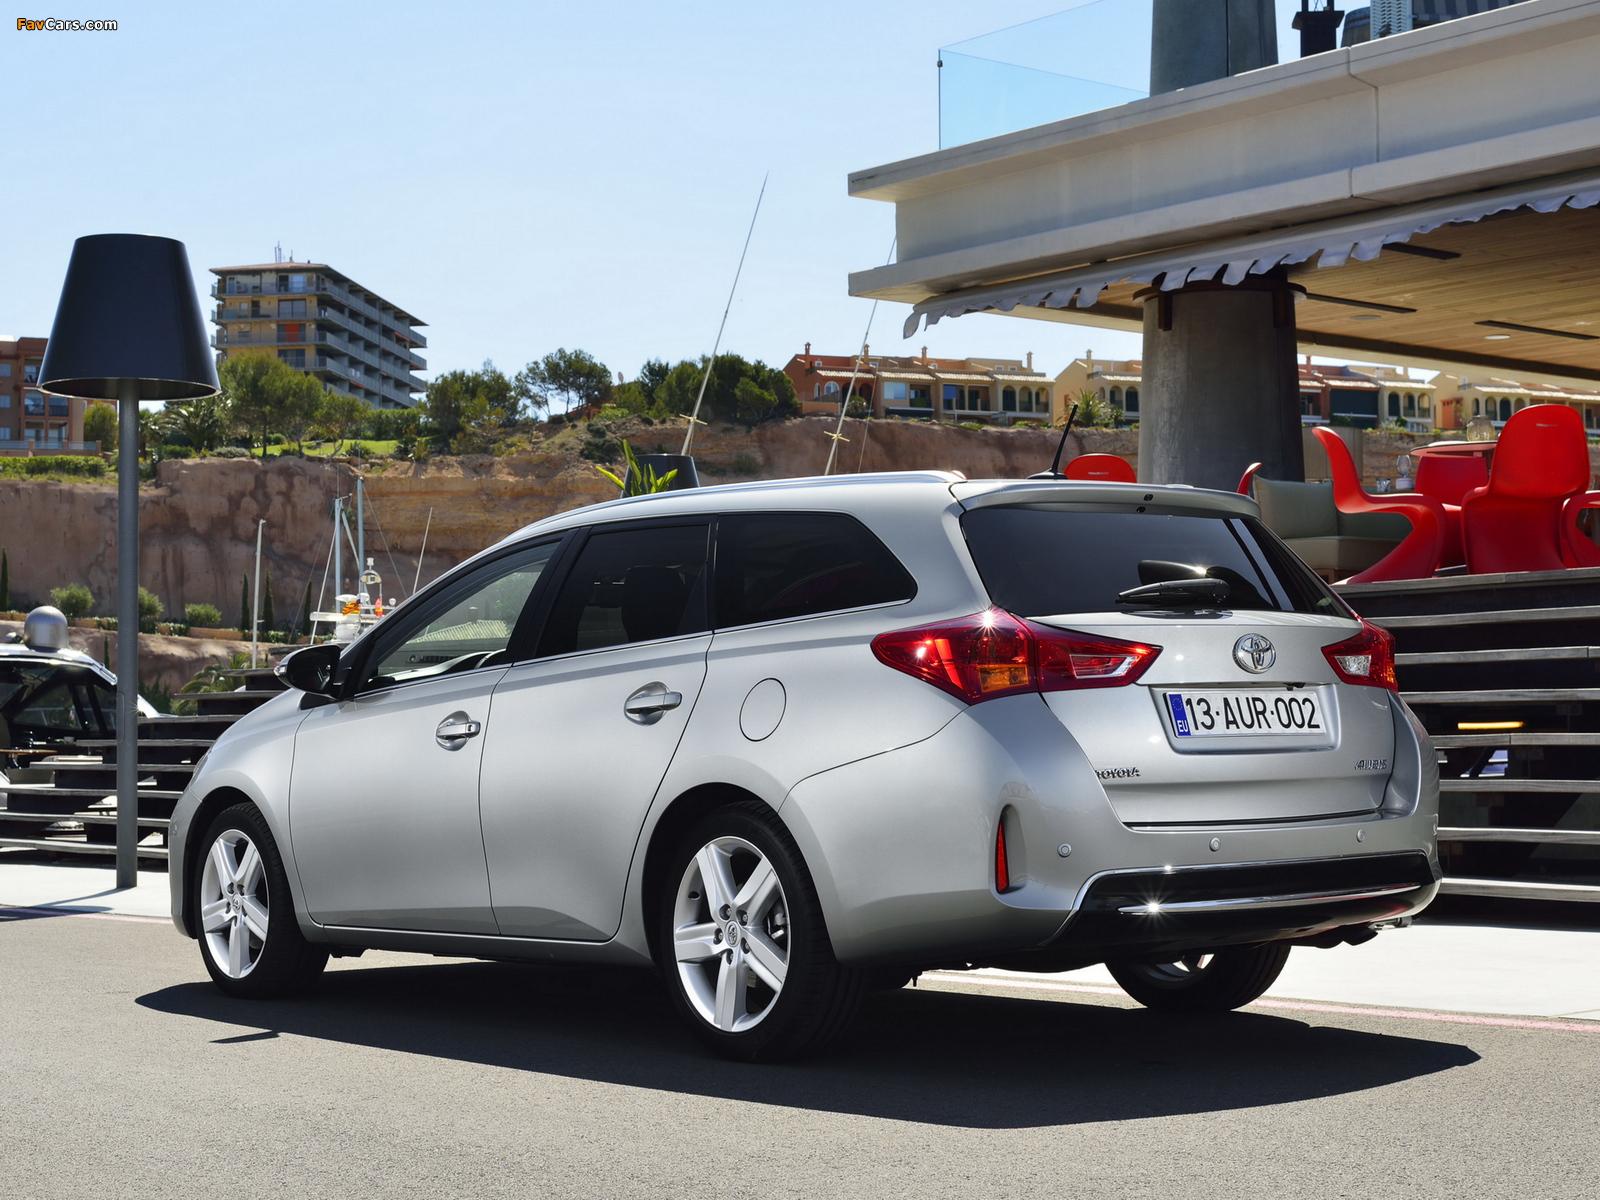 Toyota Auris Touring Sports 2013 photos (1600 x 1200)